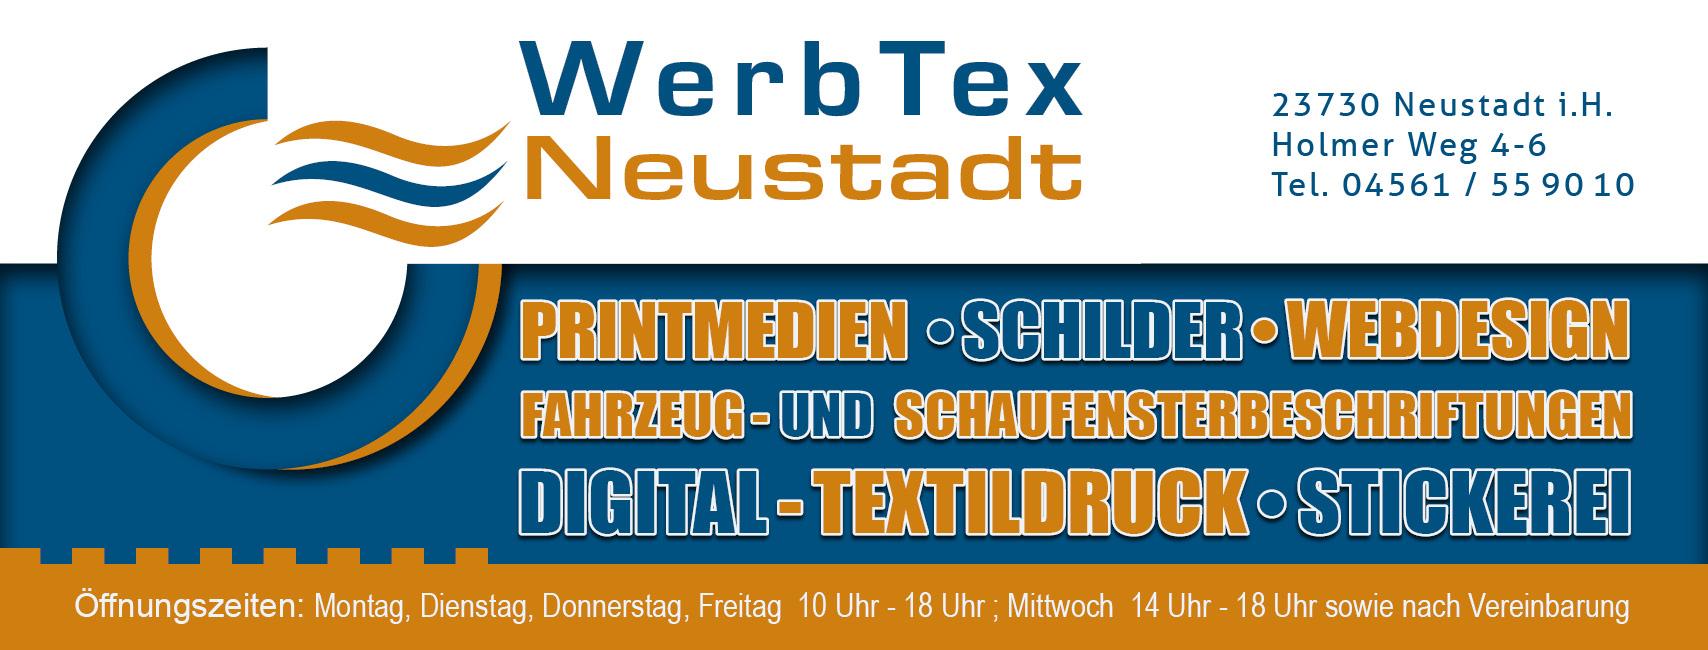 Werbtex-Neustadt